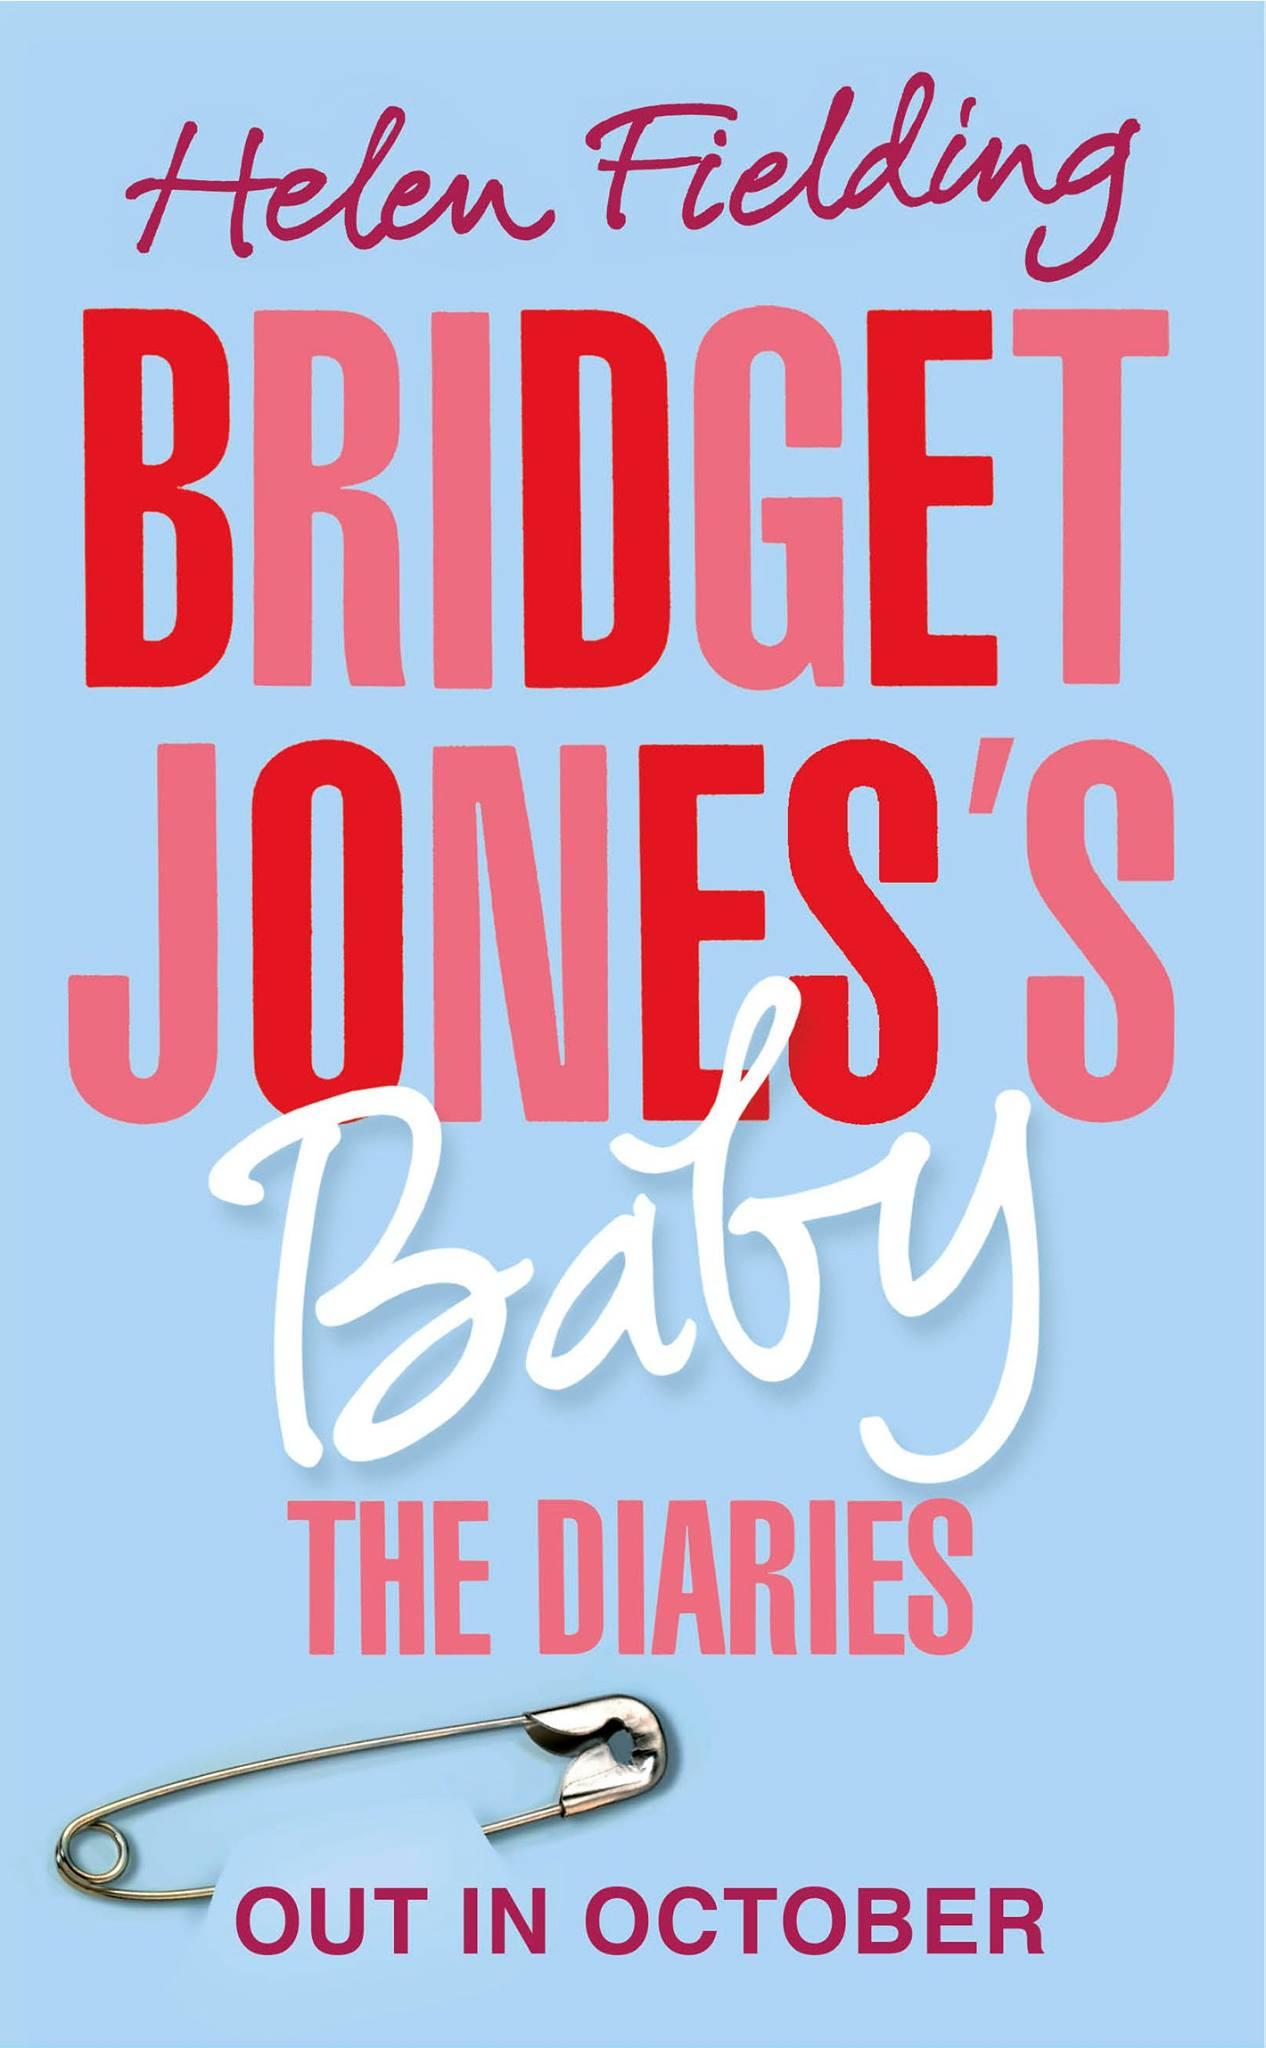 Bridge Jones